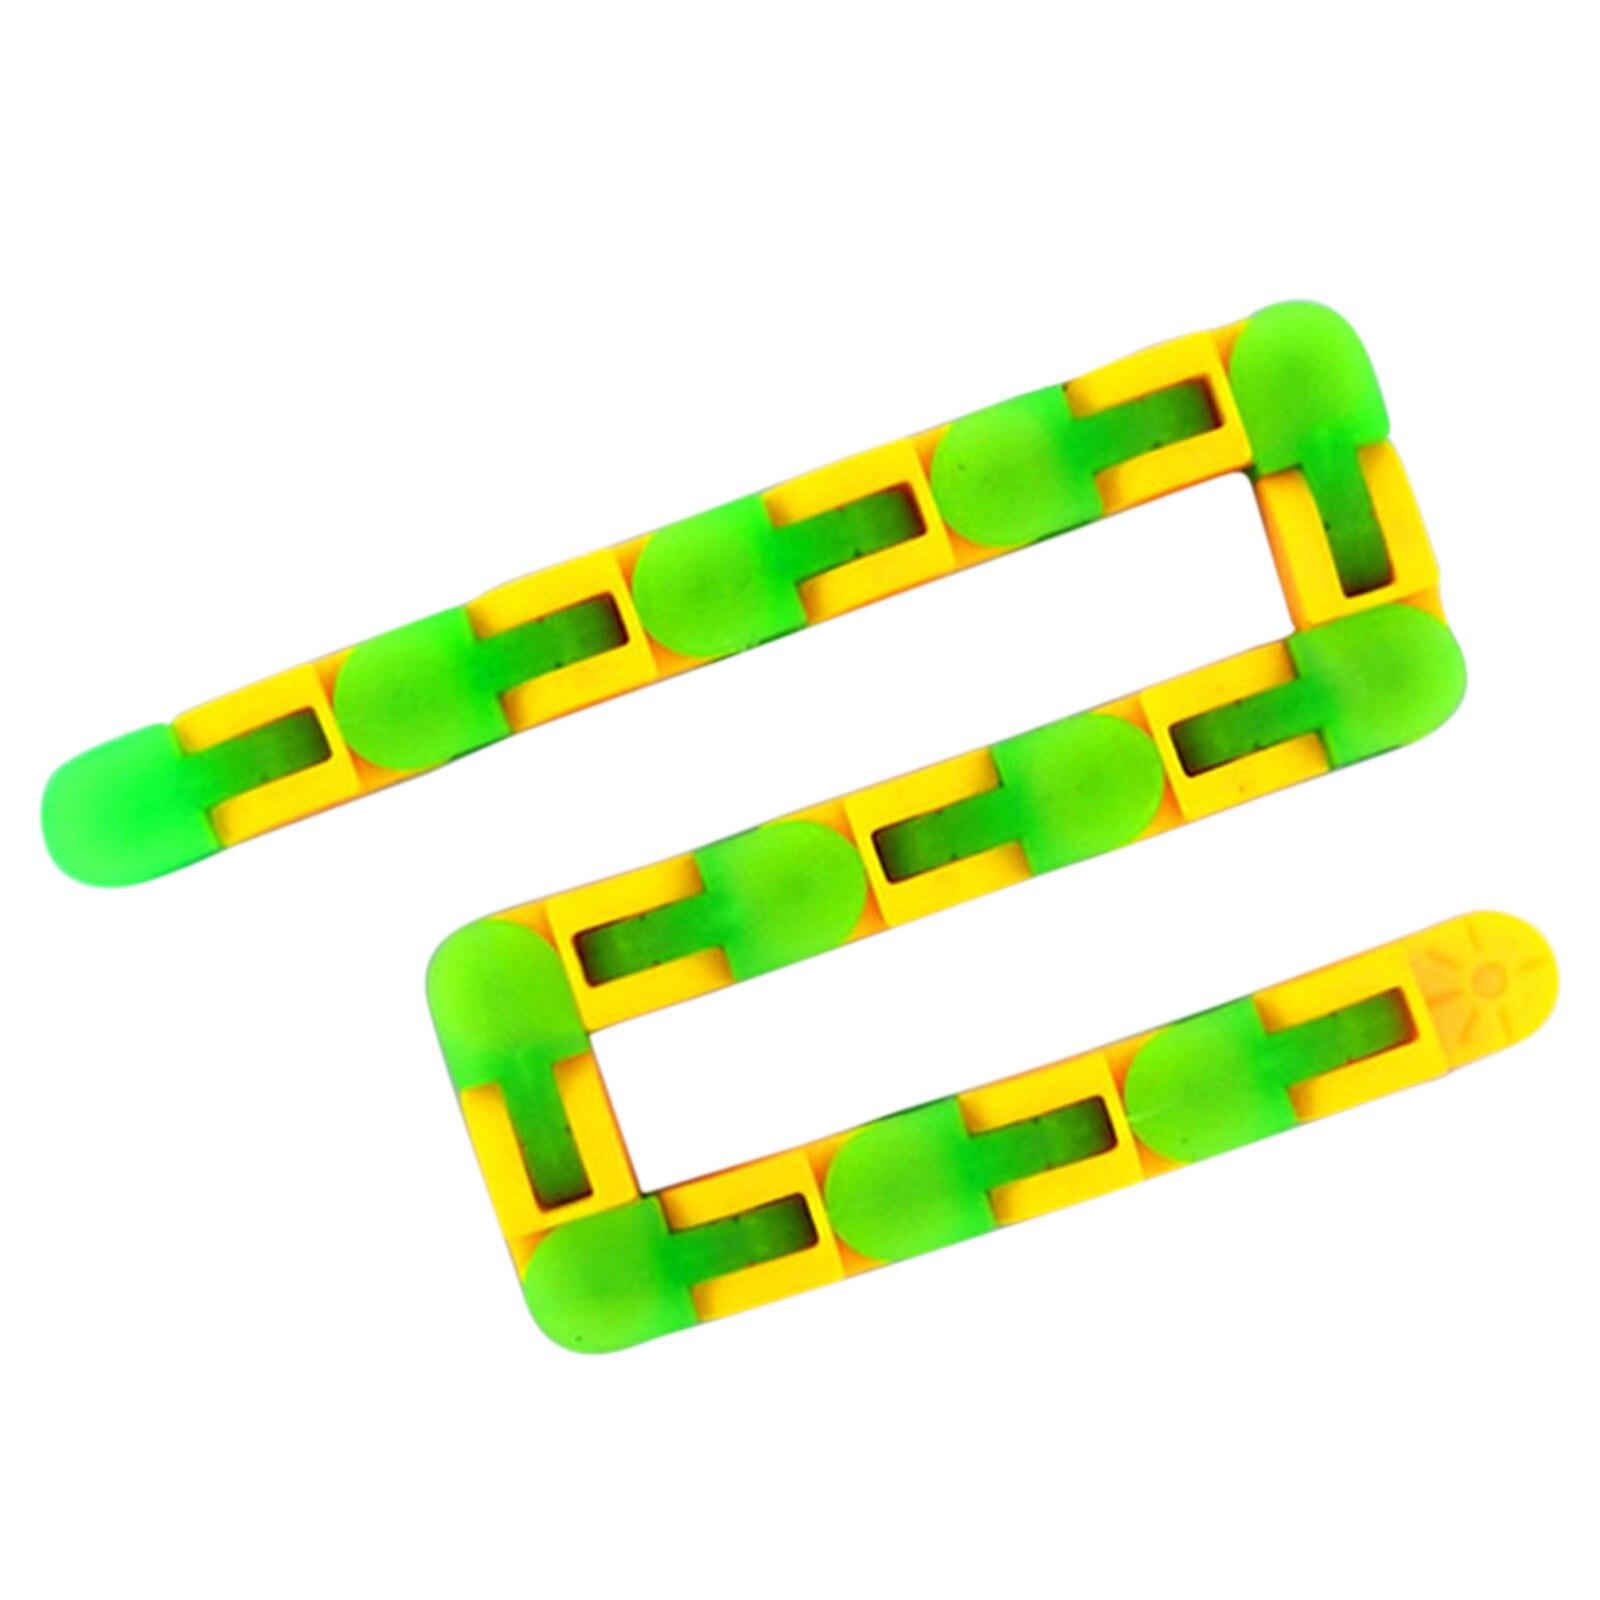 24 Knots Glow Green Yellow Wacky Tracks Fidget Toys for Stress Relief